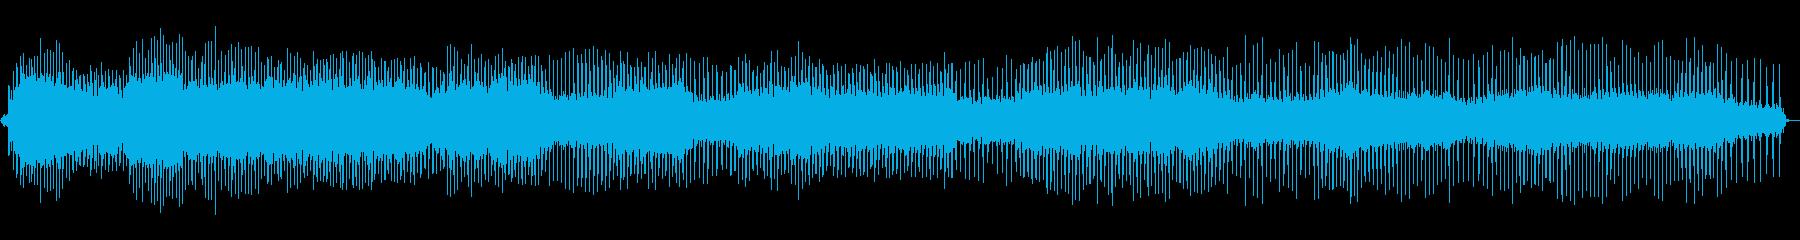 使用中のミシン-中速の再生済みの波形